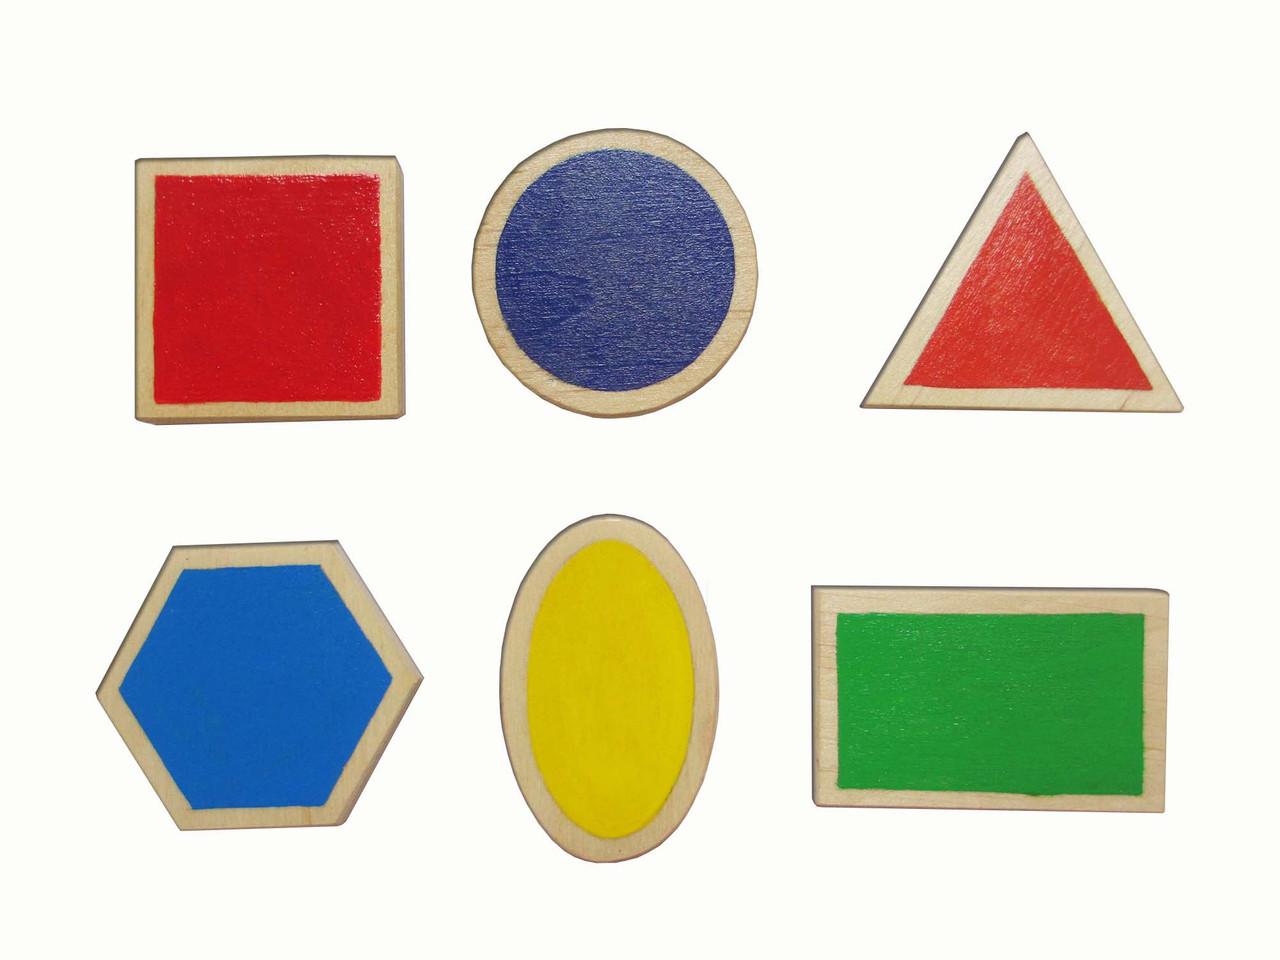 Основні геометричні фігури Hega з посібником (105)